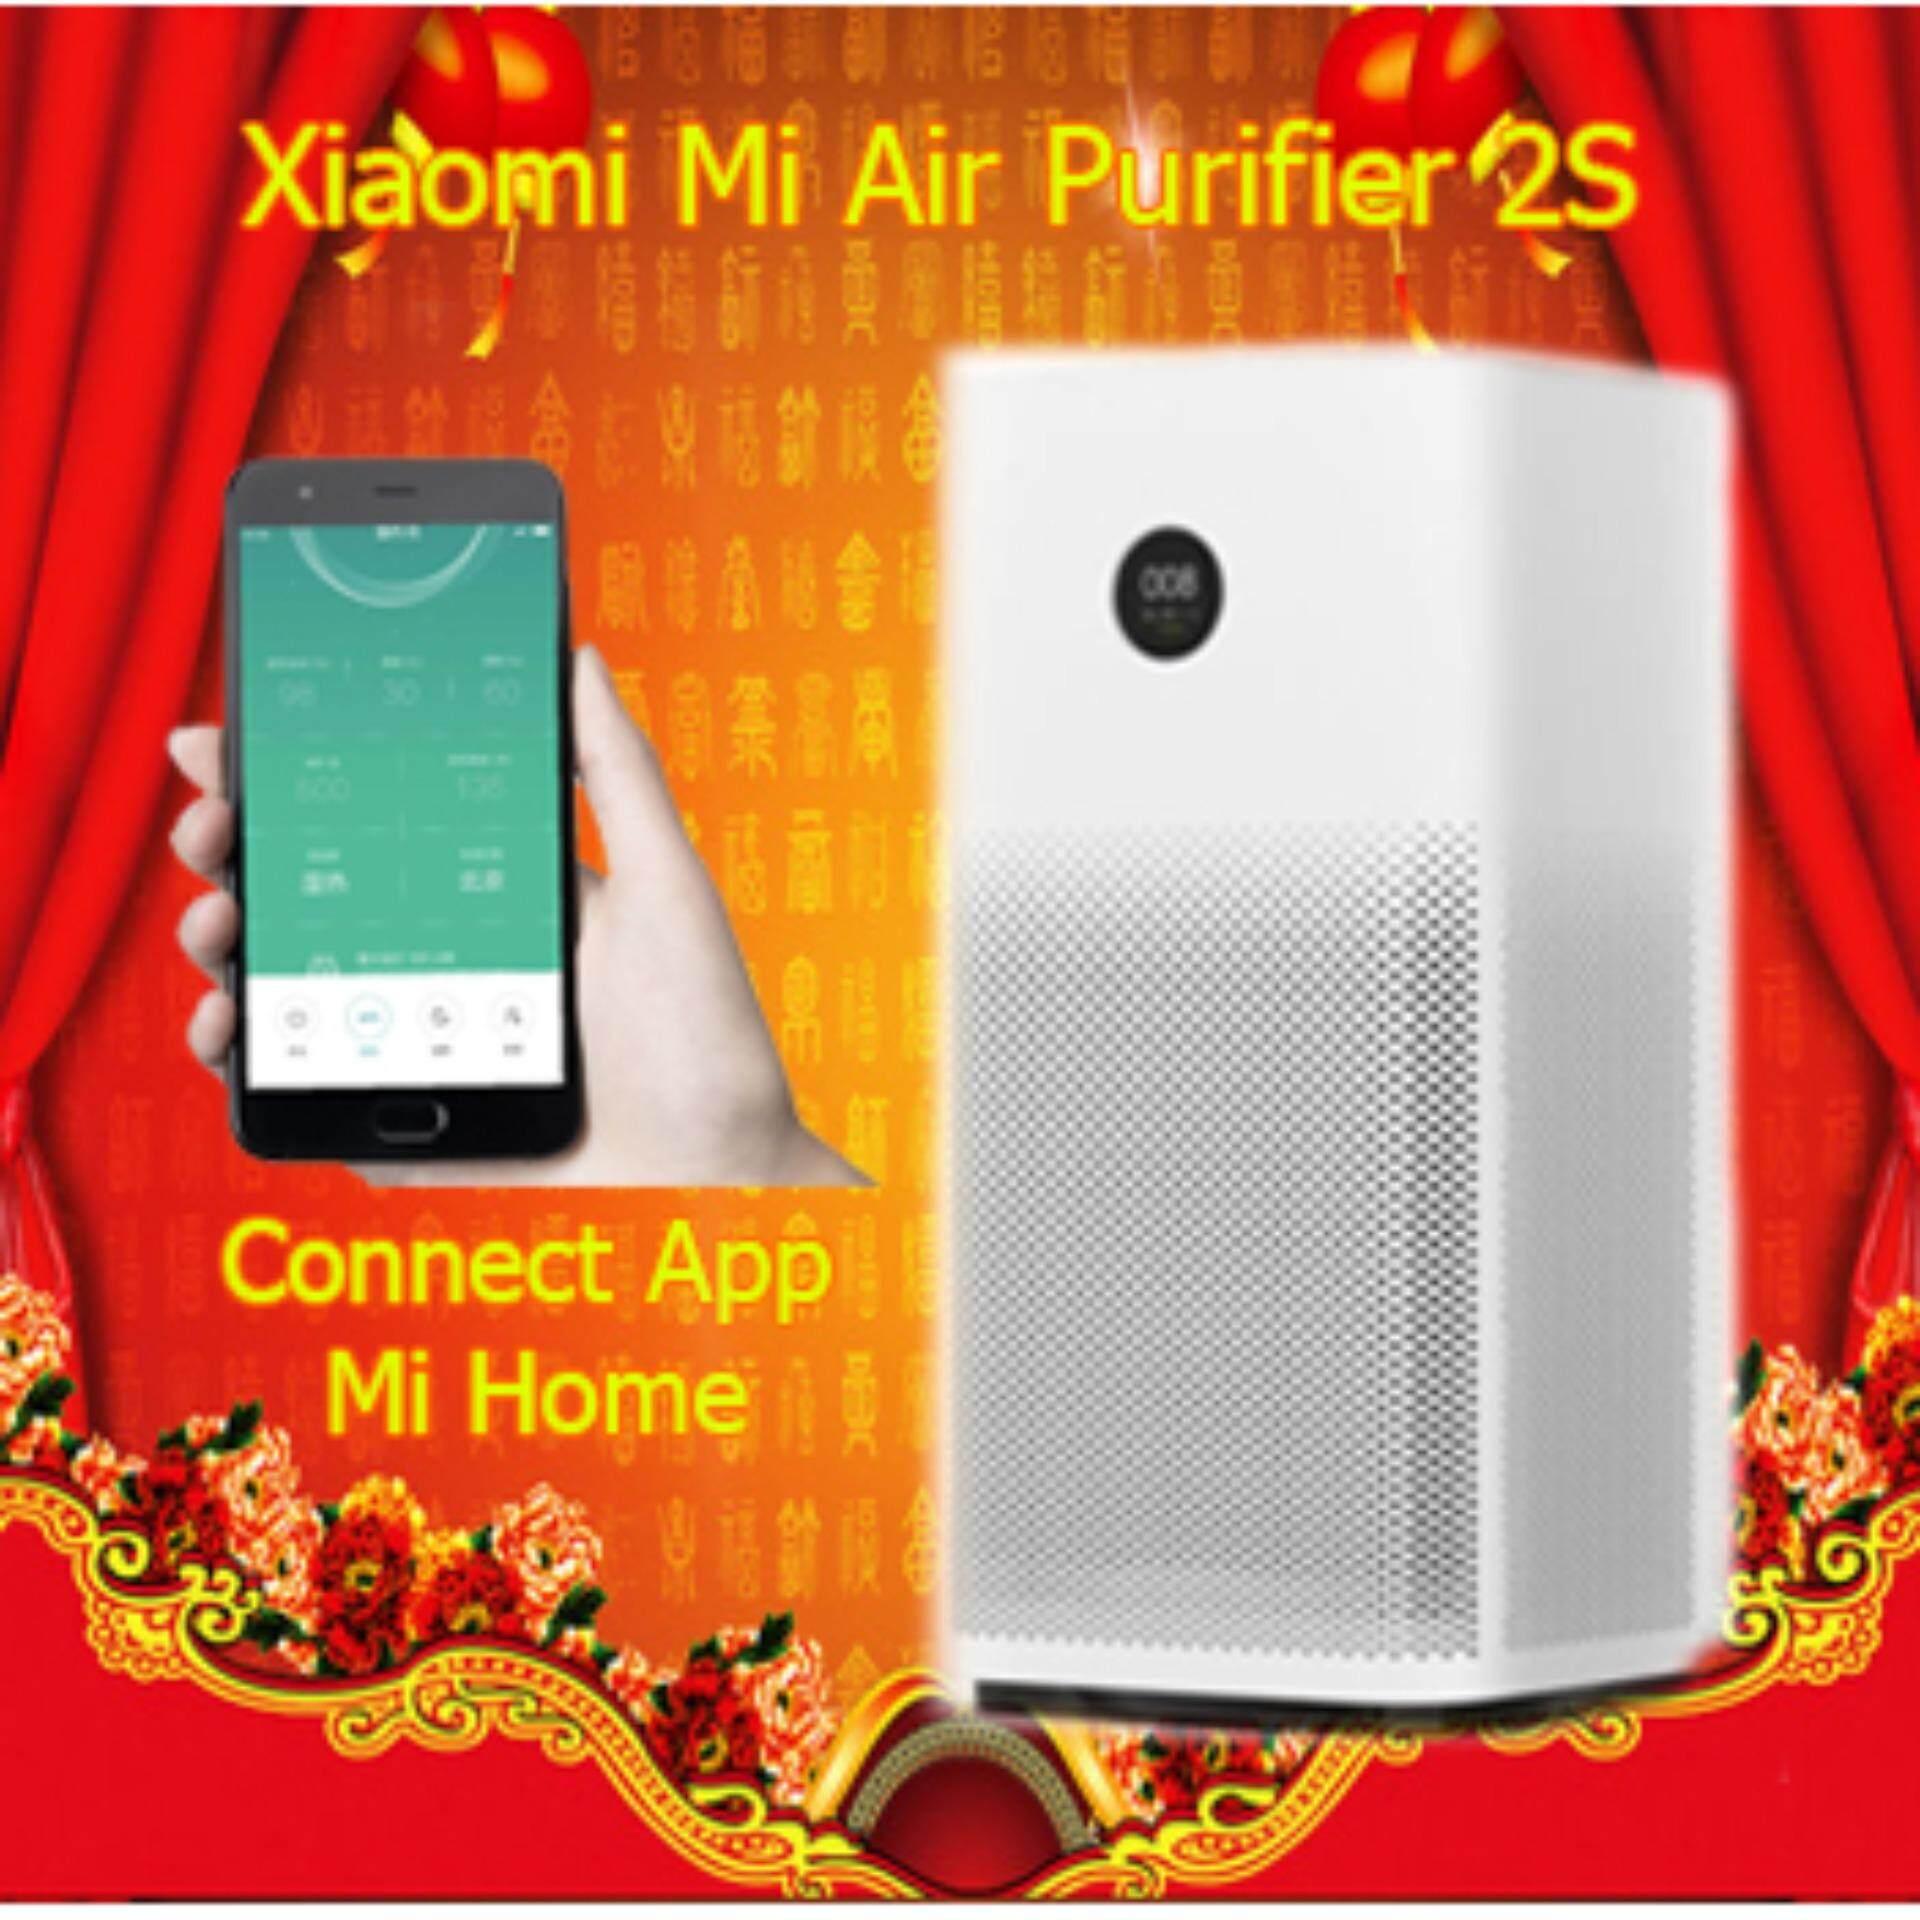 ยี่ห้อนี้ดีไหม  หนองคาย พร้อมส่ง!! เครื่องฟอกอากาศ Xiaomi Mi Air Purifier 2S [[รับปะกัน 1 ปี]] มีคู่มือแถมให้ ใช้งานดีมาก